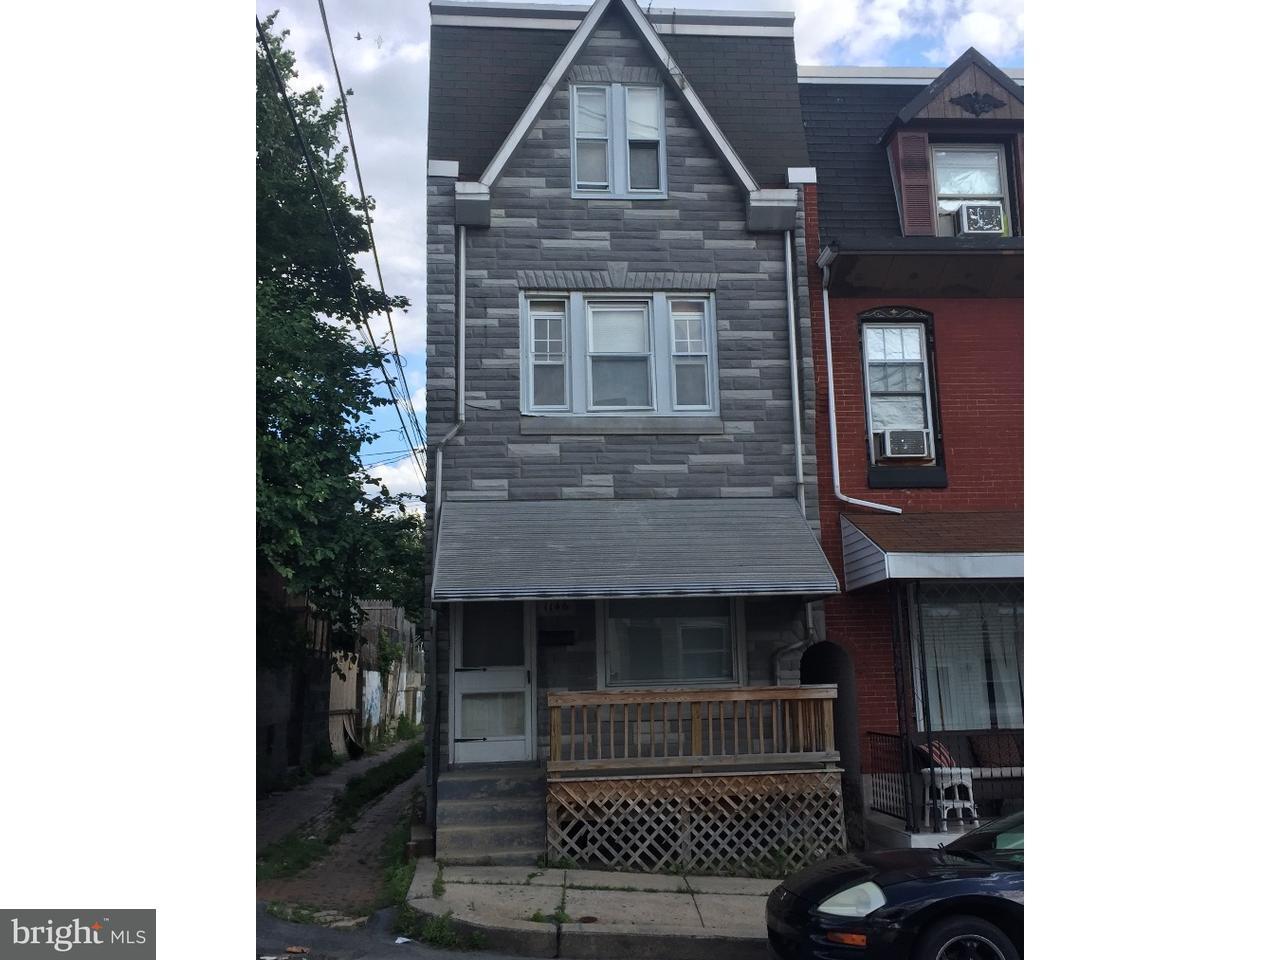 Casa unifamiliar adosada (Townhouse) por un Venta en 1146 DOUGLASS Street Reading, Pennsylvania 19604 Estados Unidos